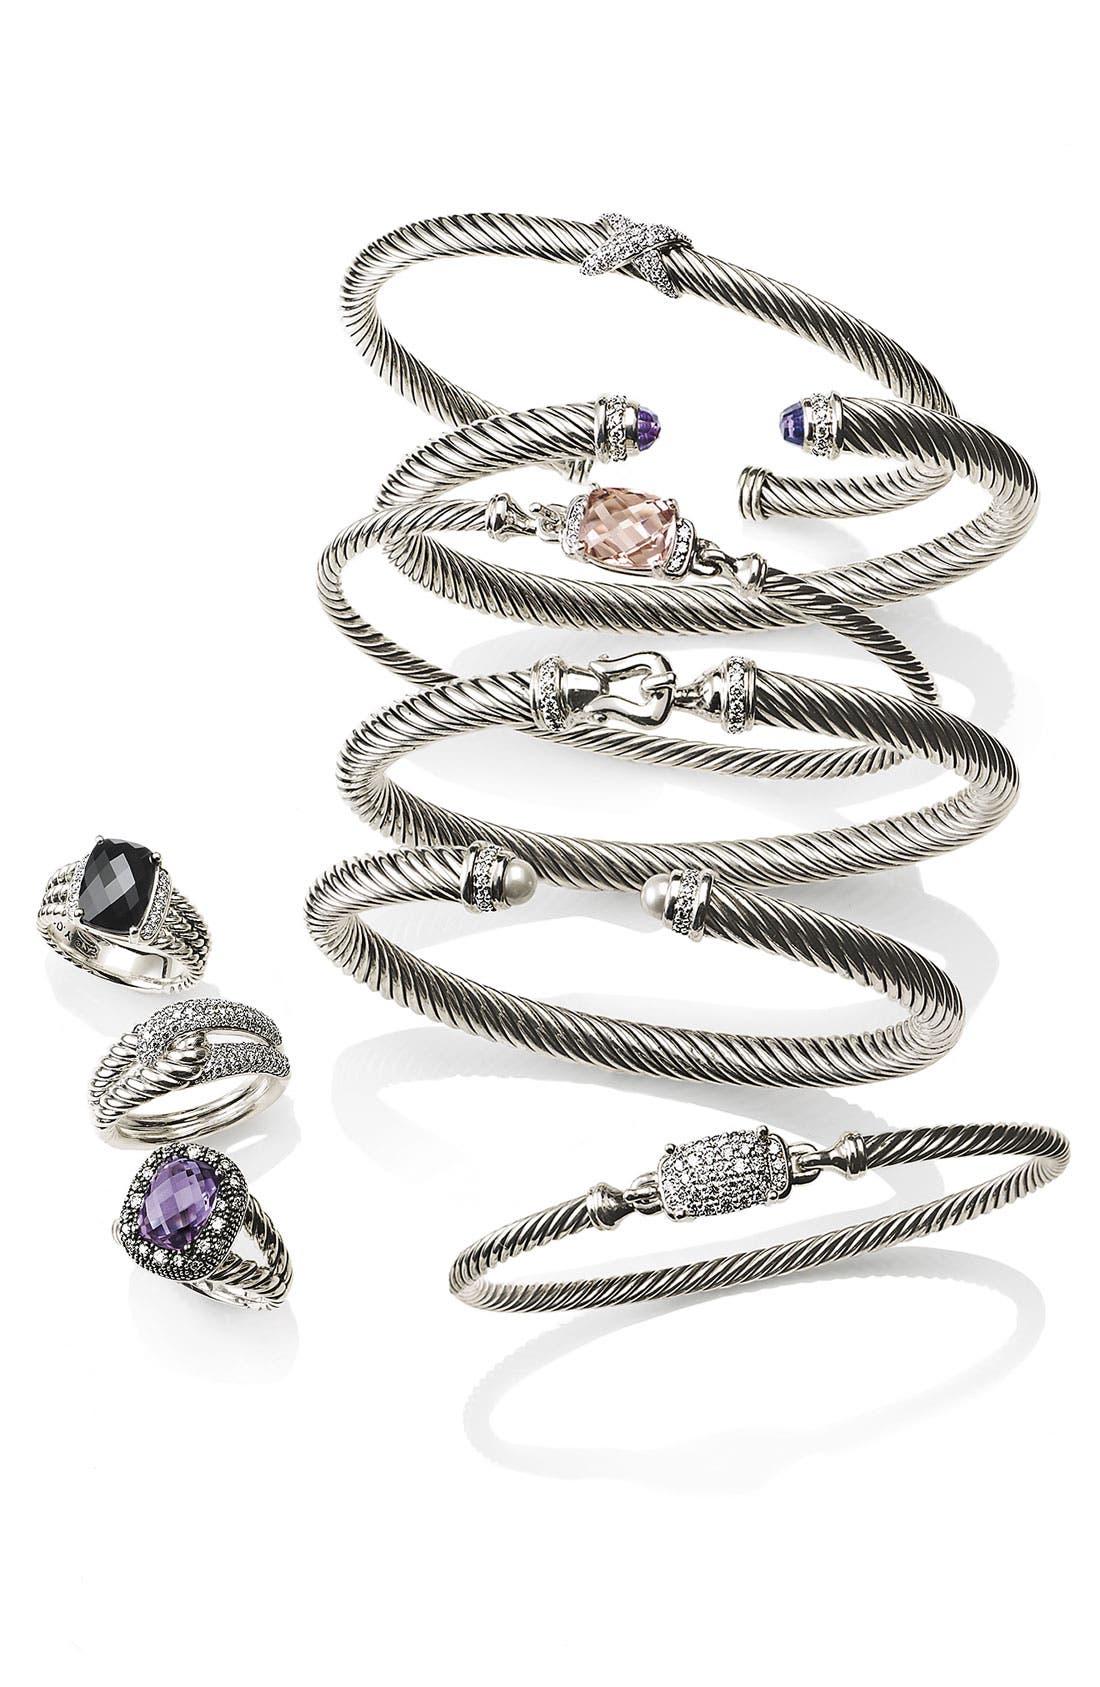 Alternate Image 3  - David Yurman 'Petite Wheaton' Bracelet with Semiprecious Stone & Diamonds